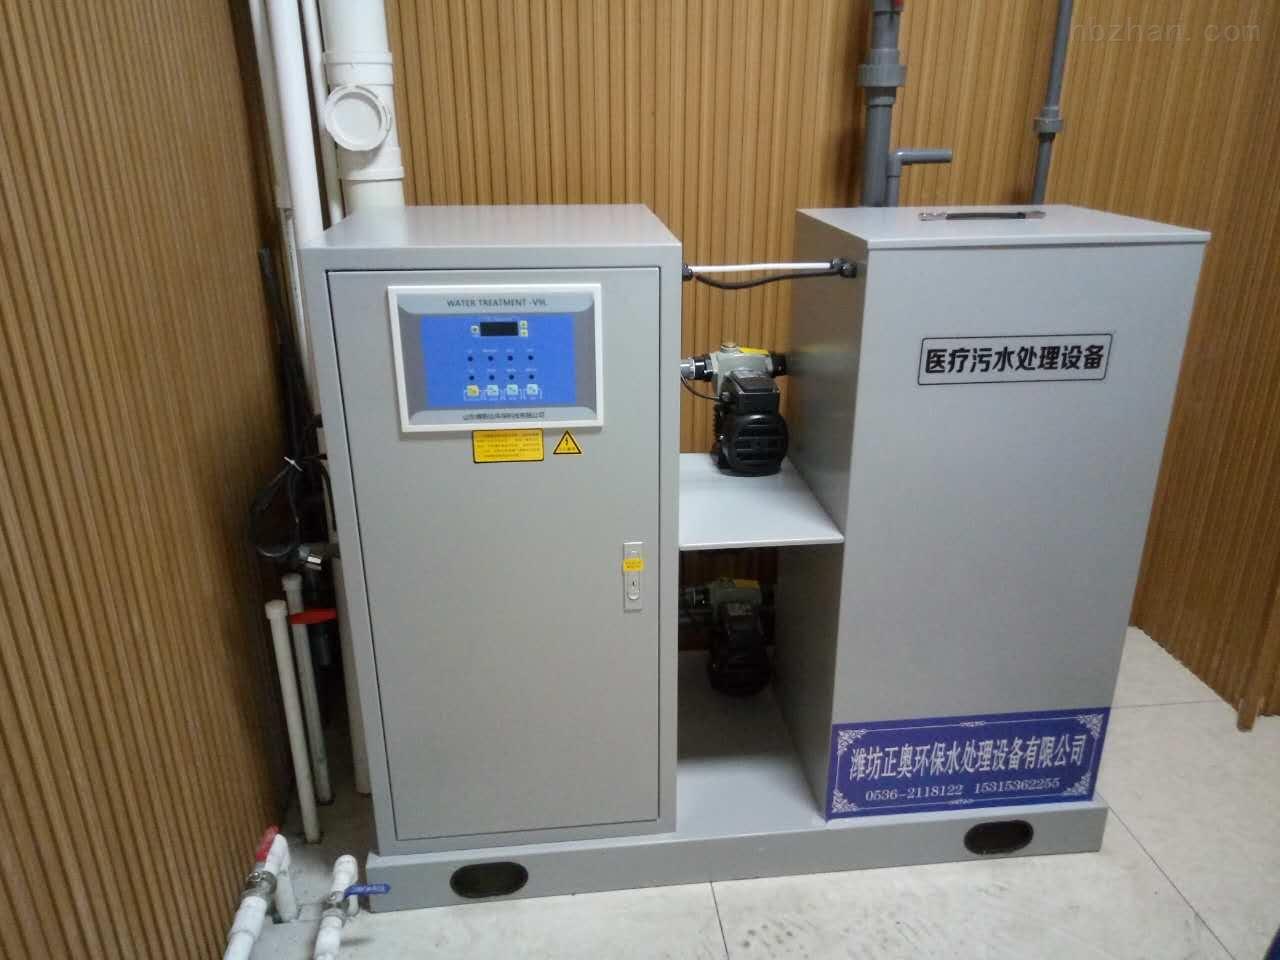 【】哈尔滨化验室污水处理设备专家在线